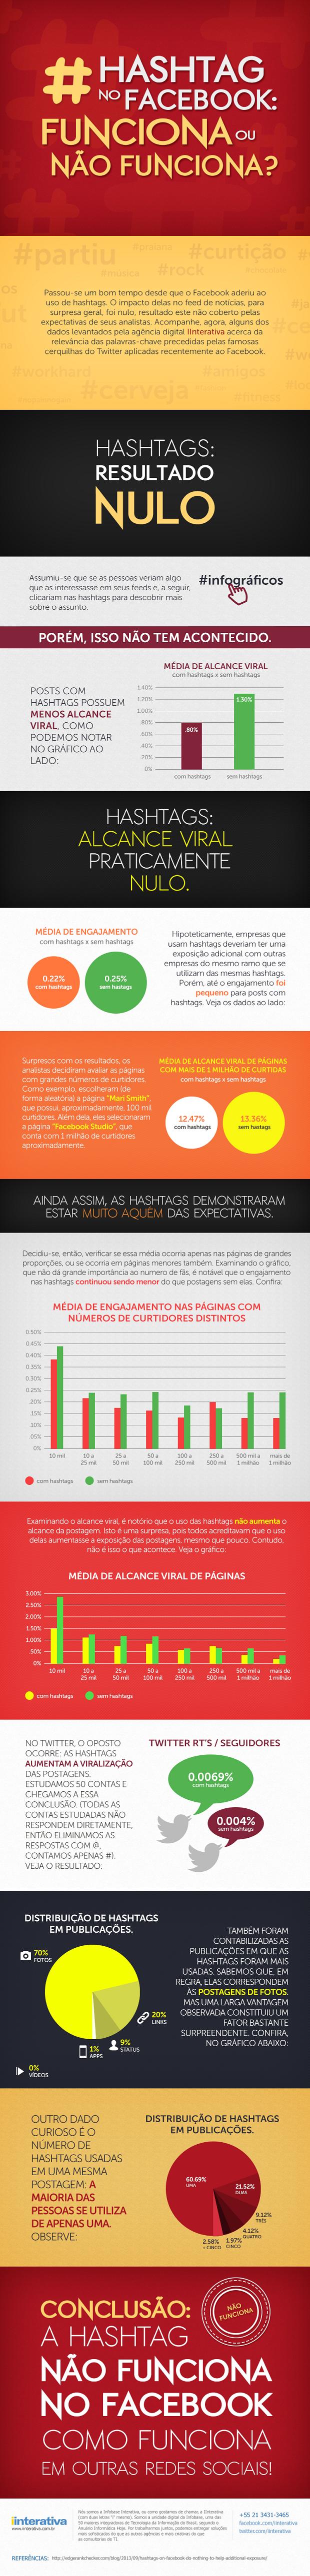 Infográfico mostra que hashtags são inúteis no Facebook (Foto: Reprodução/Infobase Interativa)